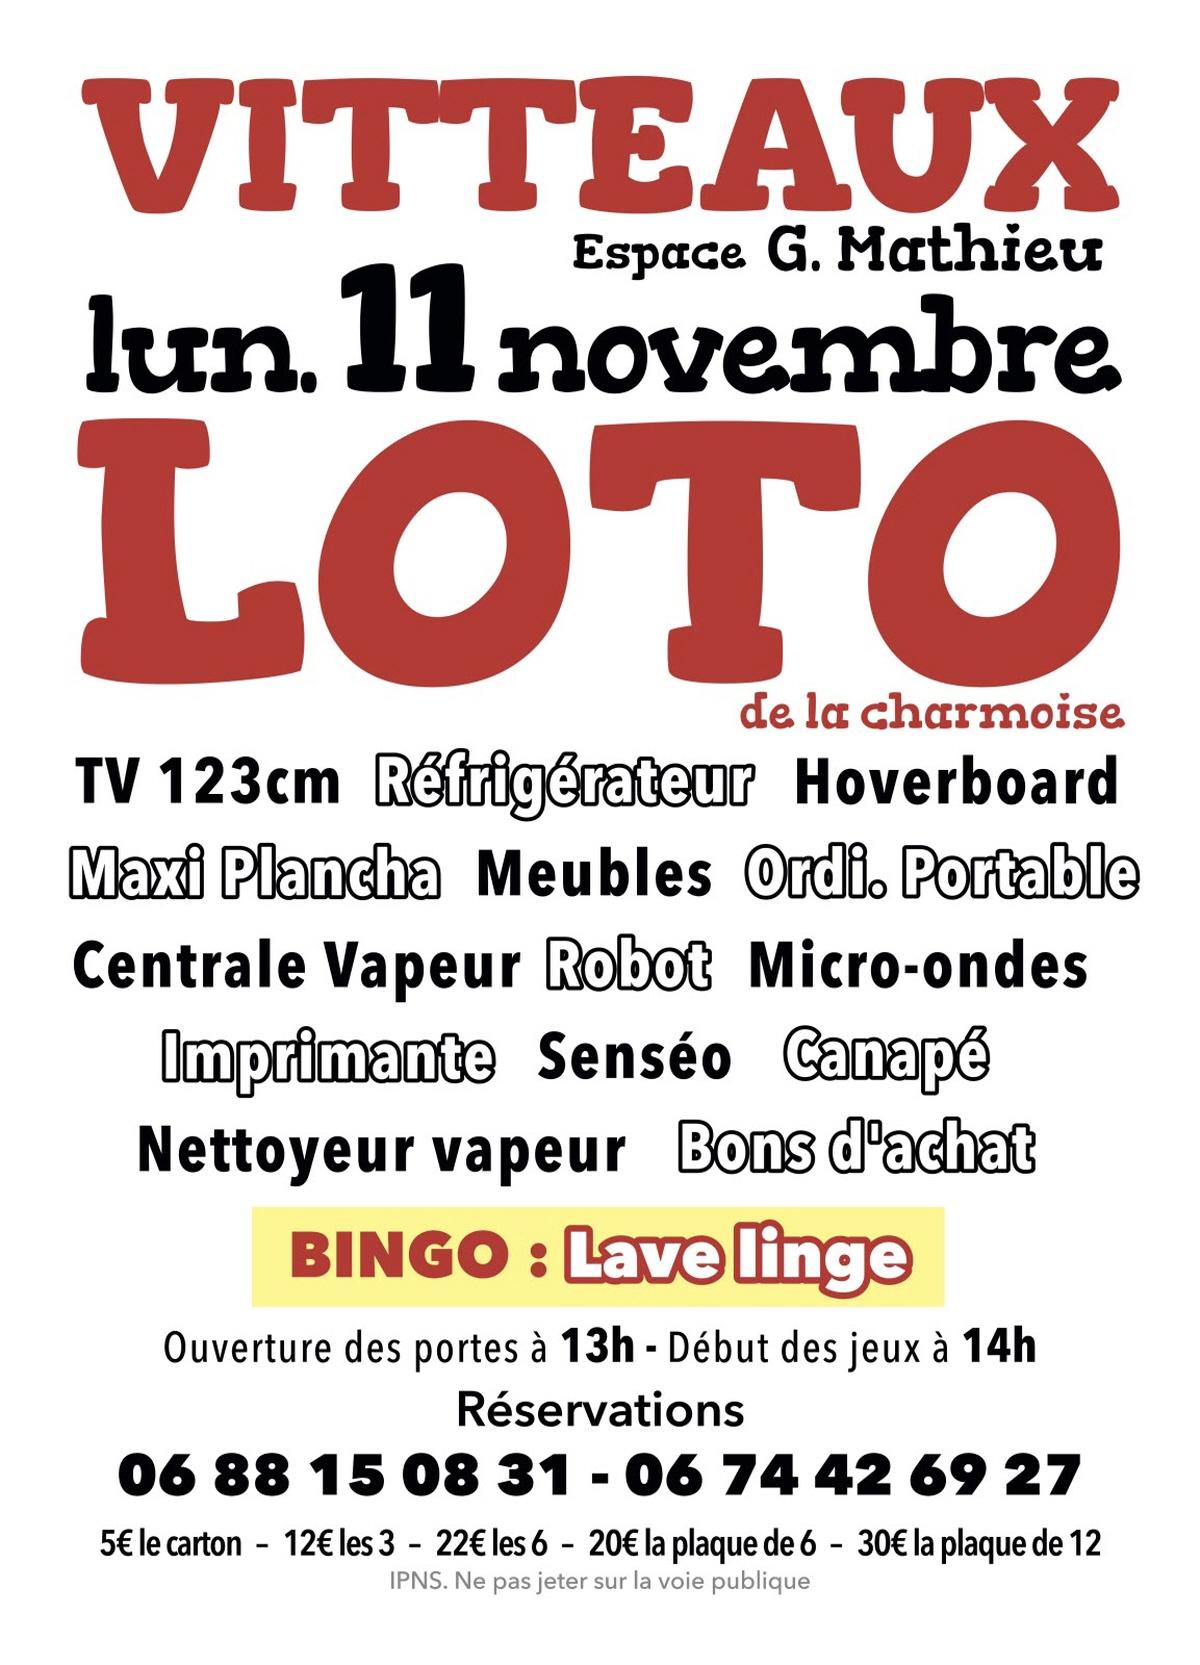 Loto : Loto A Vitteaux pour Loto Espace Jeux